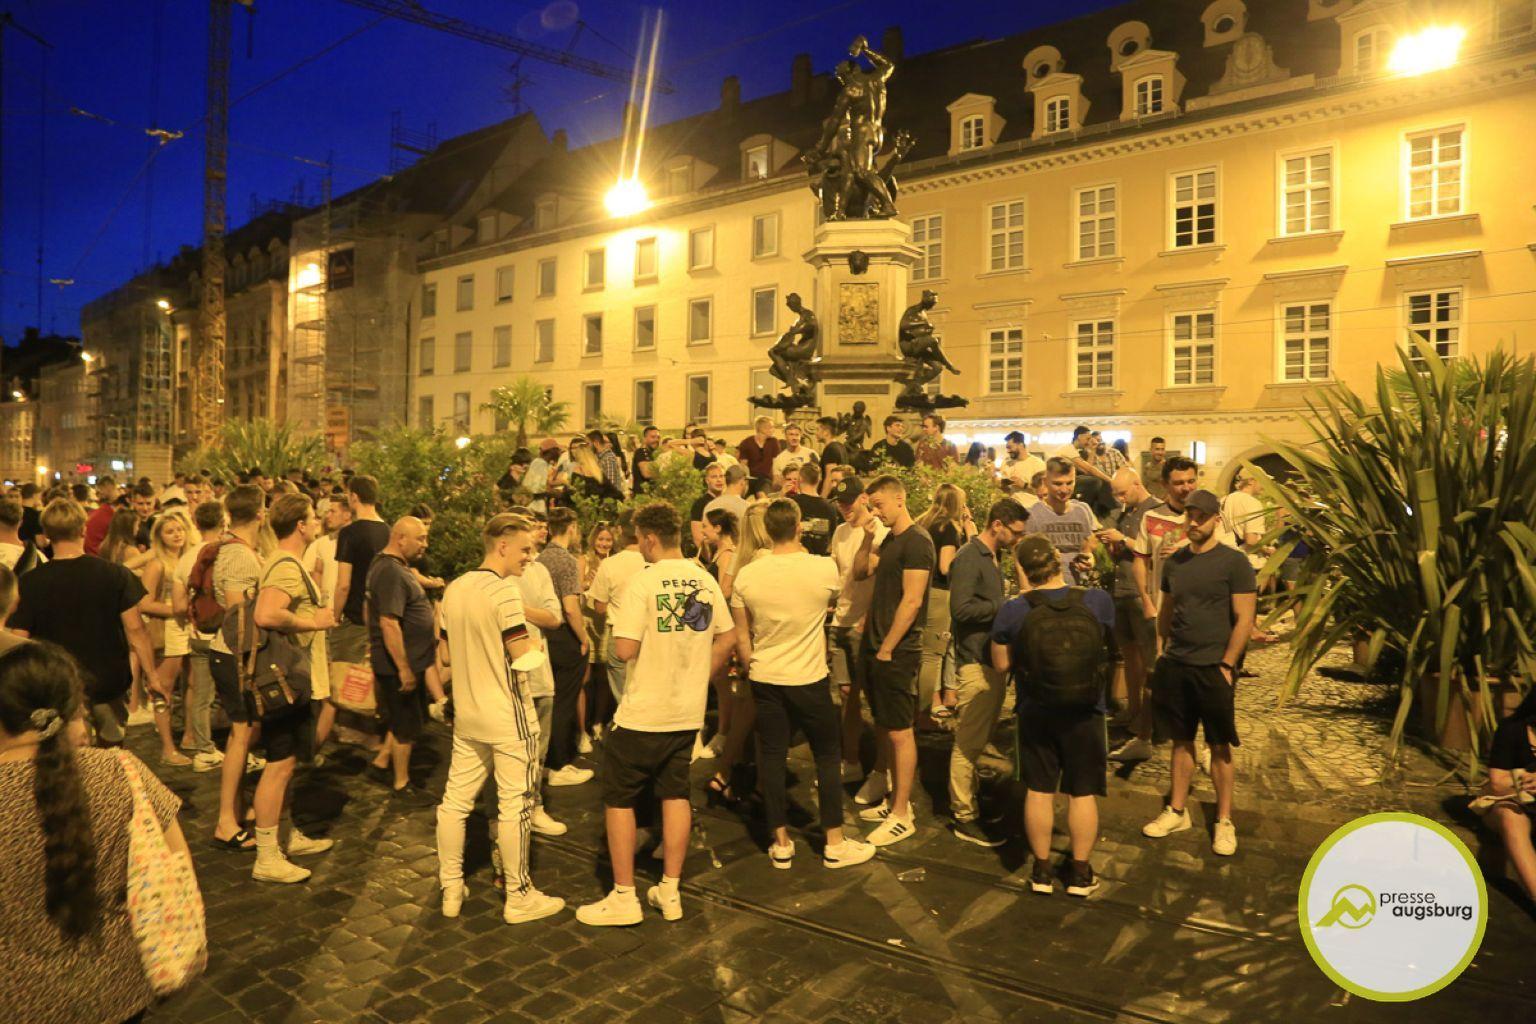 Deutschland Fussball Augsburg Fans11